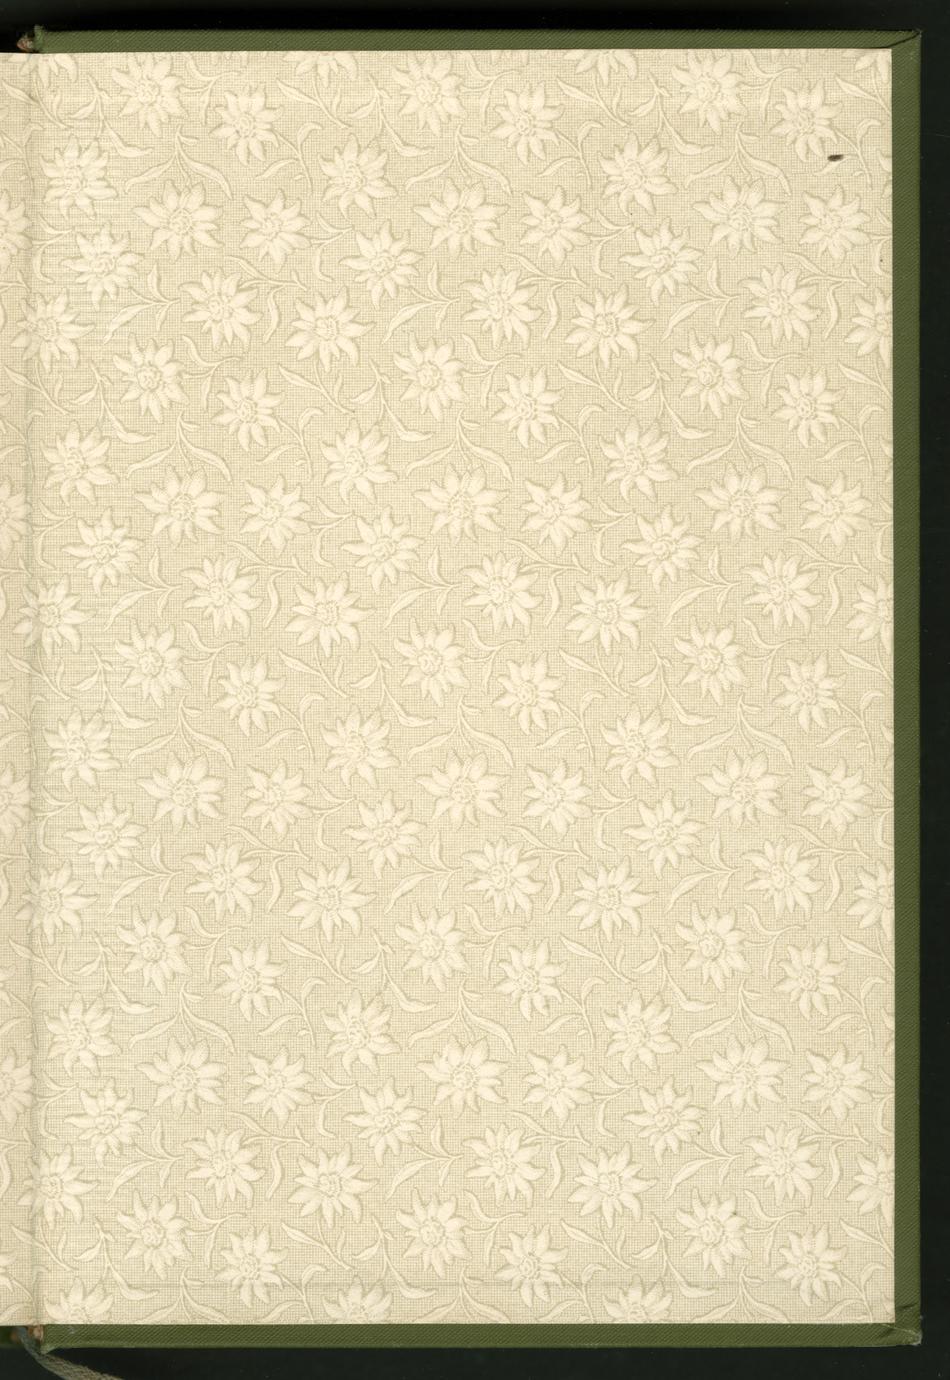 Heidepeter's Gabriel (6 of 6)